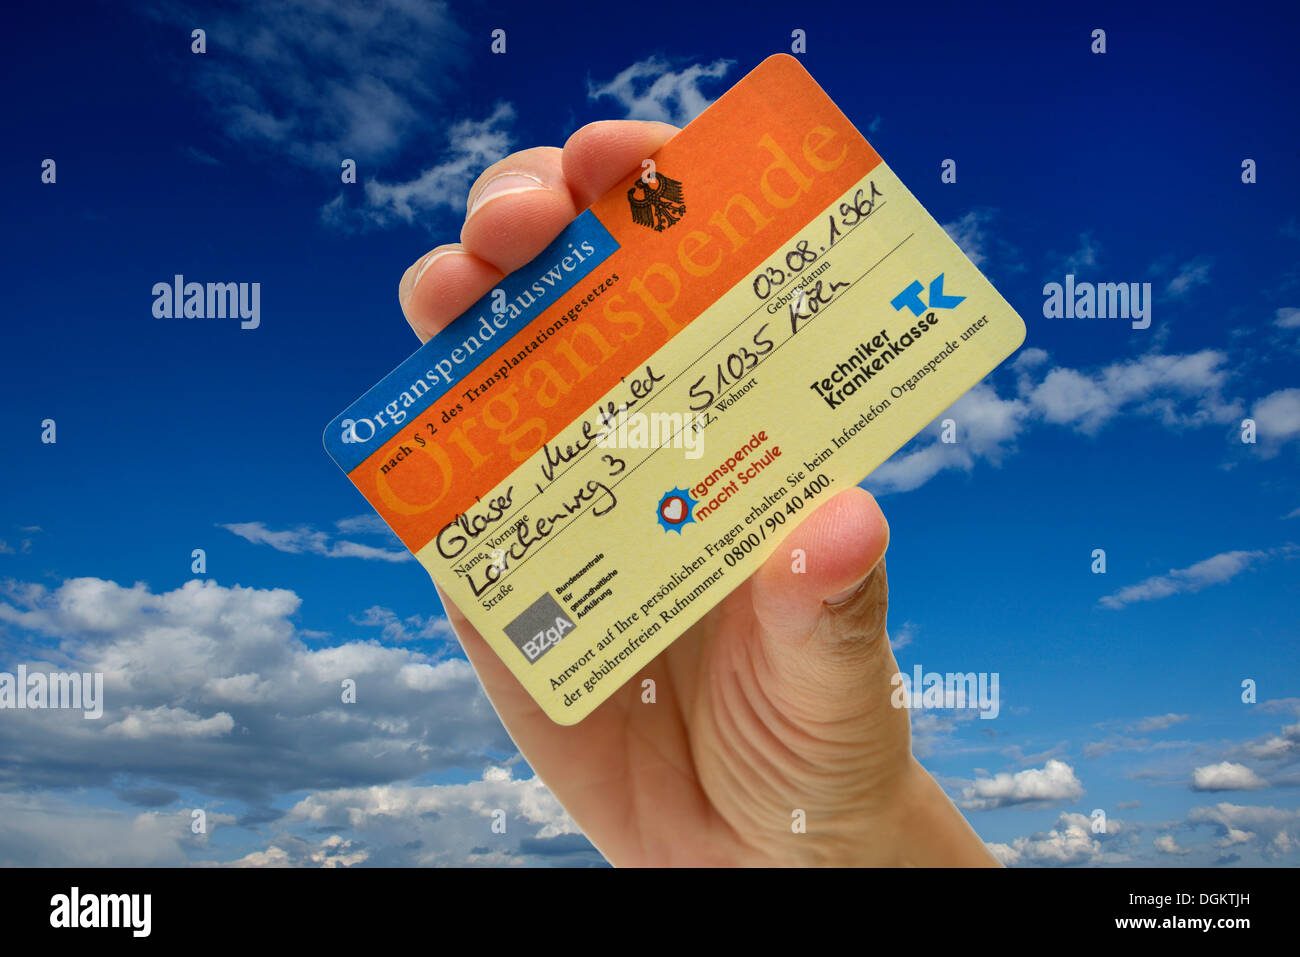 Main tenant une carte de don d'organes, faux nom, contre un ciel bleu avec quelques nuages, image symbolique pour porteur d'espoir Photo Stock